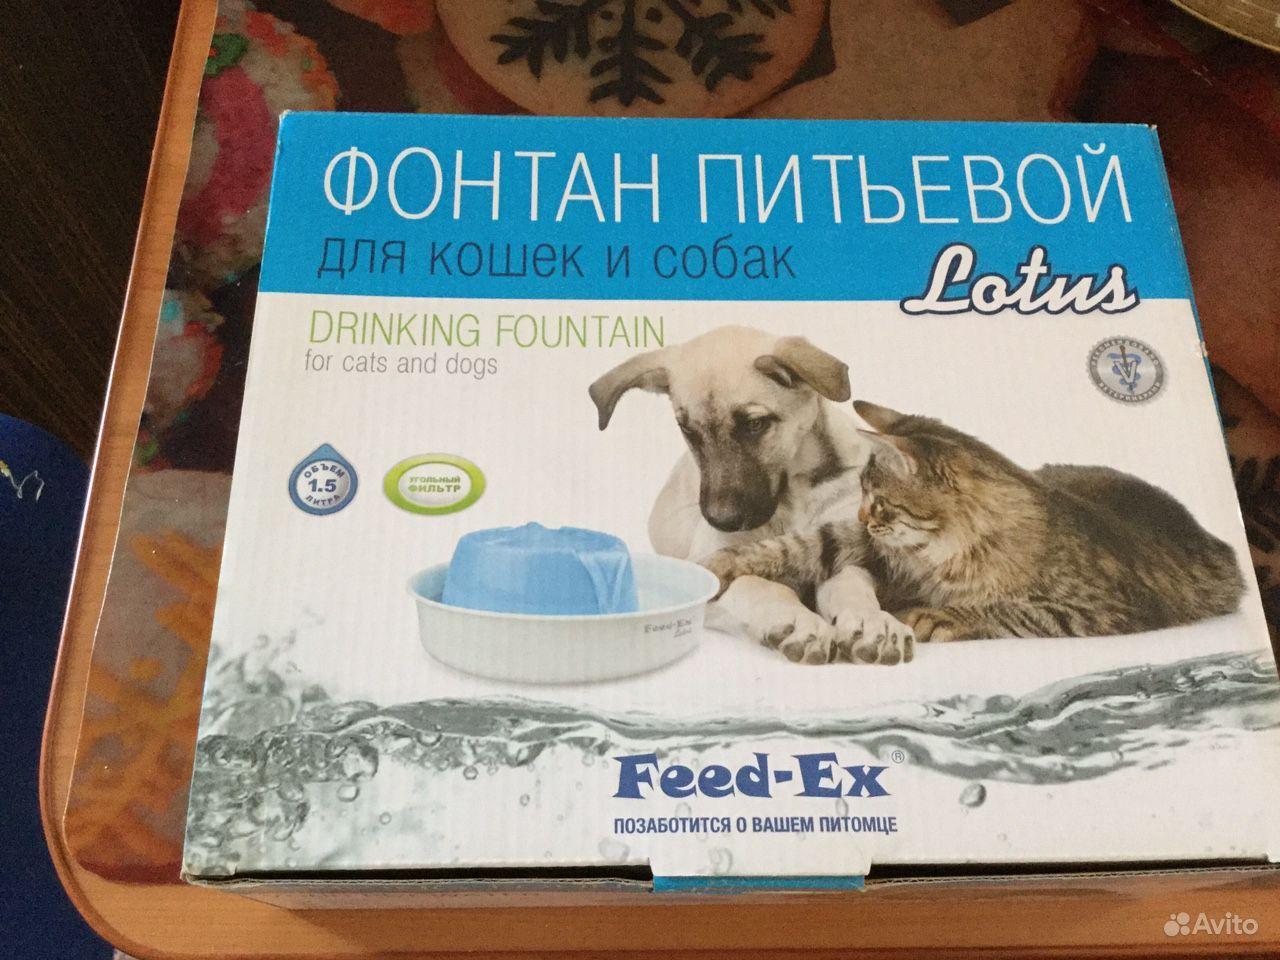 Фонтан питьевой для кошек и собак новый